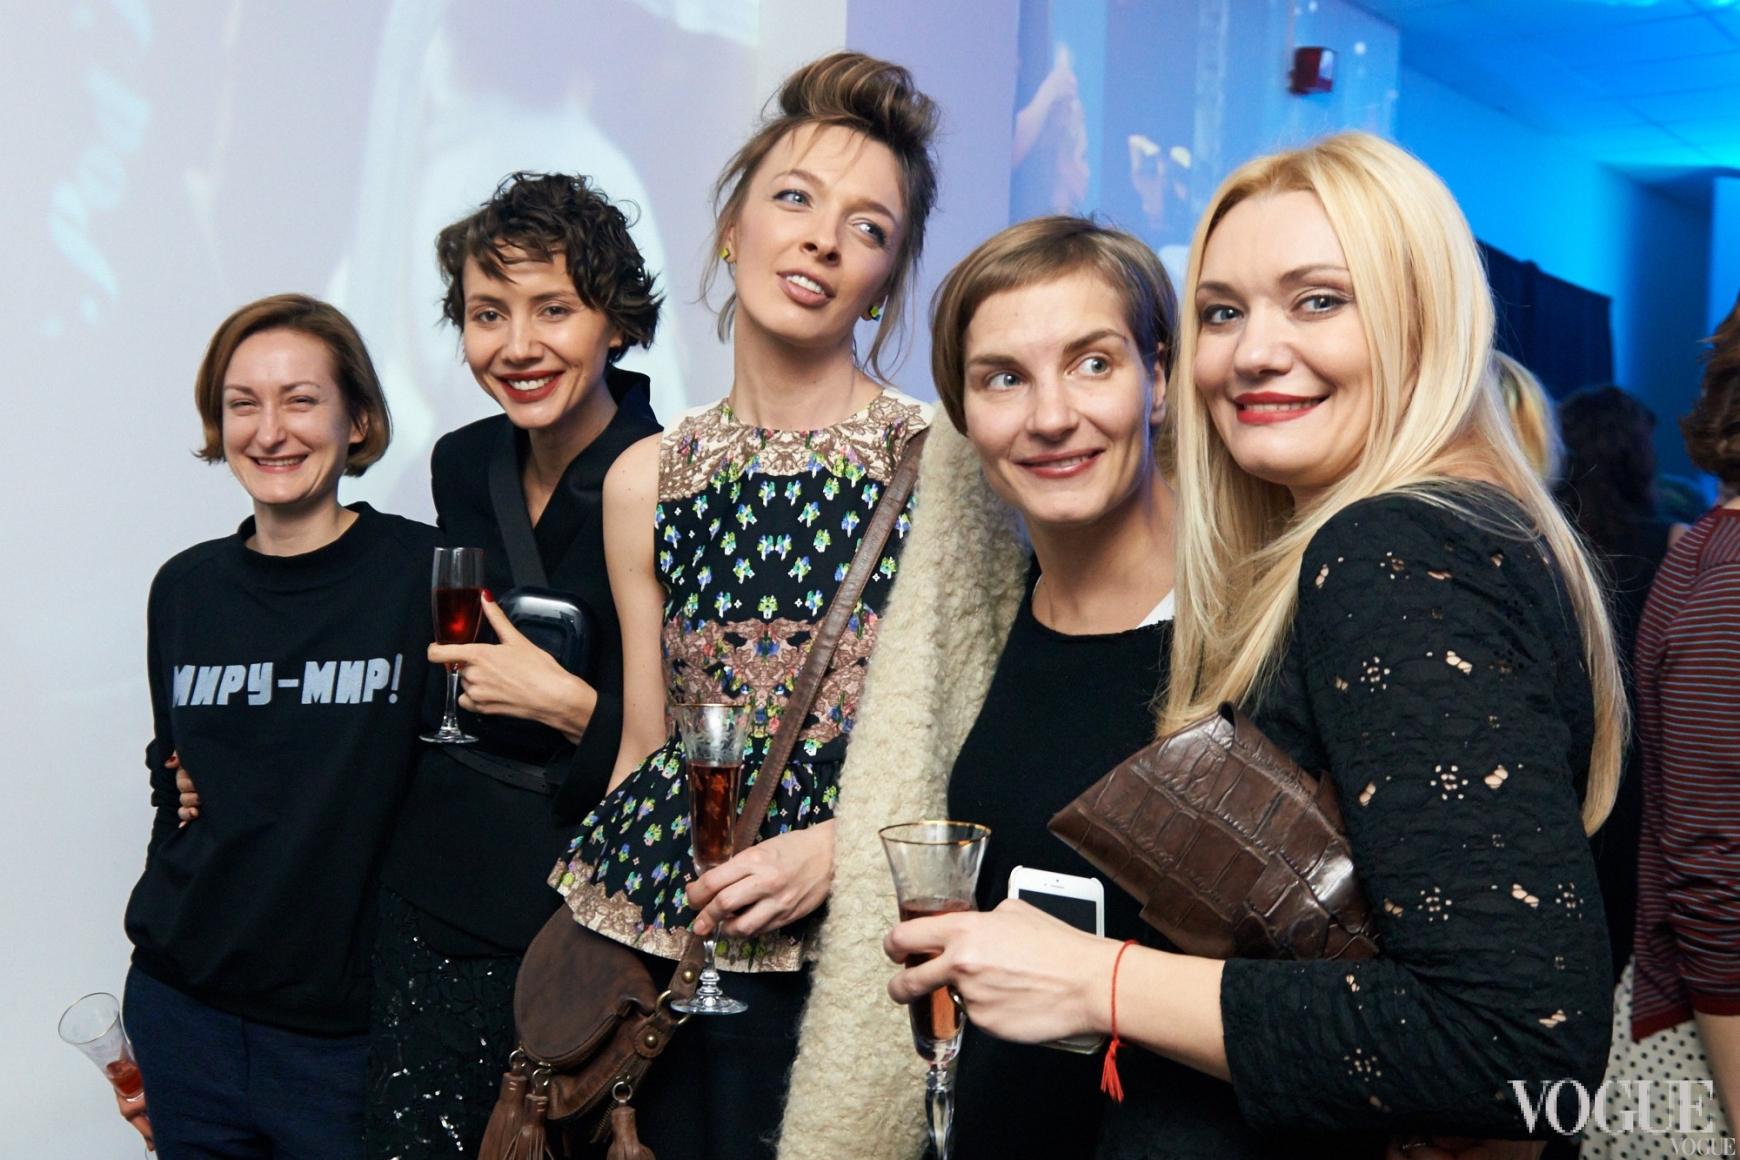 Татьяна Соловей, Юлия Пелипас, Василиса Фролова, Надежда Пожарская и Ирина Ковальчук